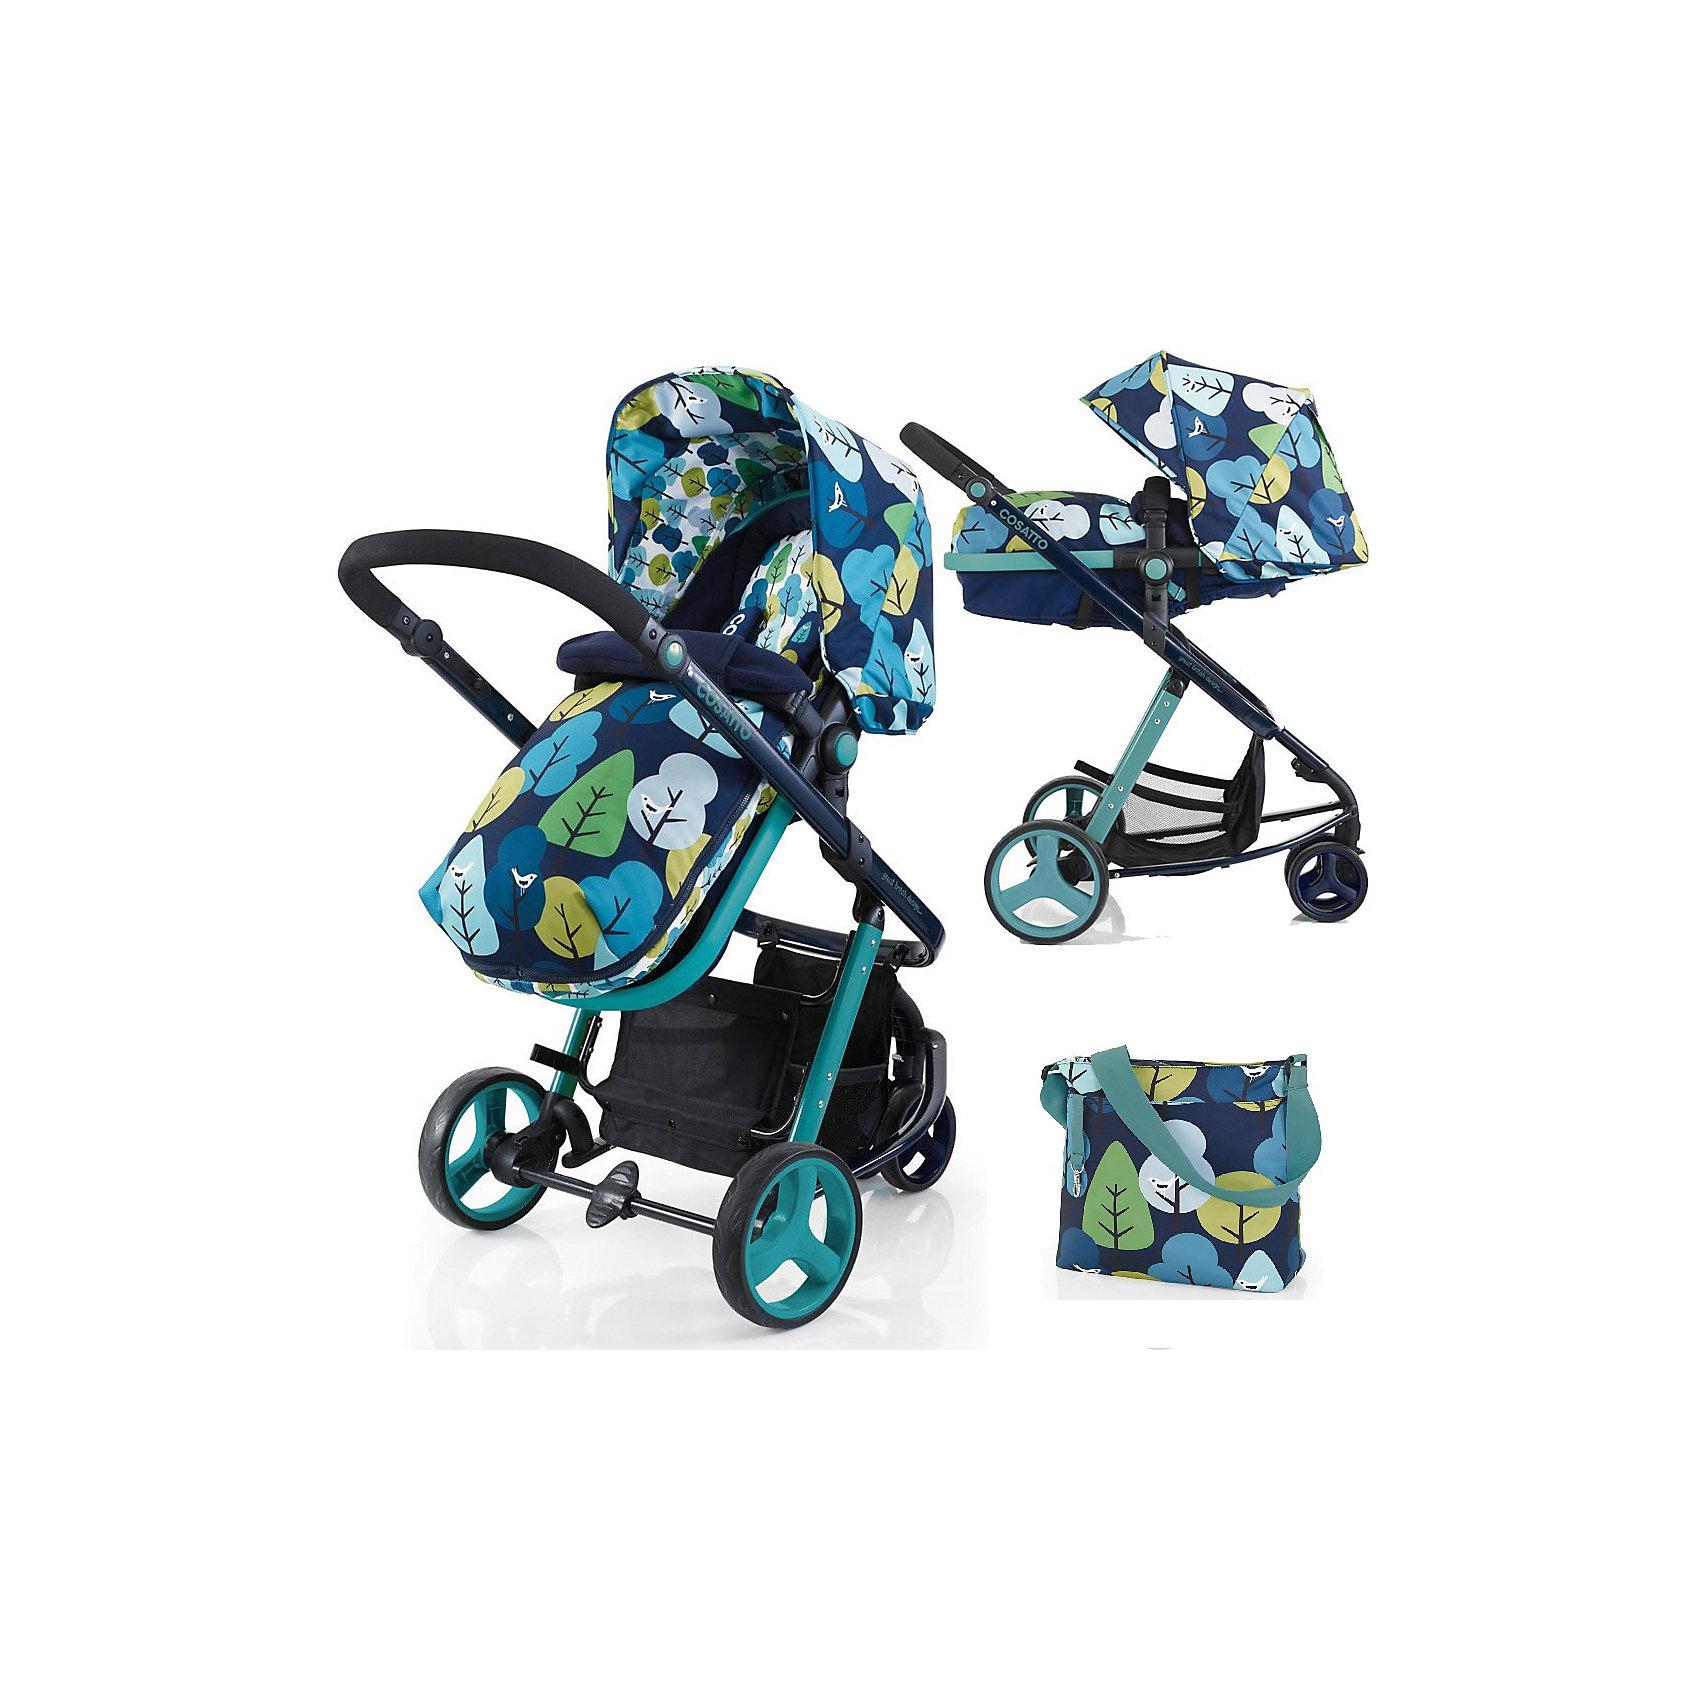 Коляска-трансформер Woop, Cosatto, NightbirdДля любителей функциональности коляски–трансформеры – настоящая находка. Люлька для малыша трансформируется в блок для прогулок. Все материалы, использованные при изготовлении аксессуара, безопасны и отвечают требованиям по качеству продукции.<br><br>Дополнительные характеристики: <br><br>цвет: Nightbird;<br>возраст: до 15 кг;<br>колеса с амортизацией;<br>спинка наклоняется в четырех позициях;<br>регулировка высоты ручки;<br>материал шасси: алюминий;<br>габариты: 97 х 62,5 см;<br>комплектация: блок для прогулок, люлька, подголовник, складывающиеся шасси, защита от дождя и солнца, регулируемая ручка, сумка для мамы, чехол для ножек, матрас.<br><br>Коляску-трансформер WOOP от компании Cosatto можно приобрести в нашем магазине.<br><br>Ширина мм: 1000<br>Глубина мм: 500<br>Высота мм: 310<br>Вес г: 16000<br>Возраст от месяцев: 0<br>Возраст до месяцев: 36<br>Пол: Унисекс<br>Возраст: Детский<br>SKU: 5025700